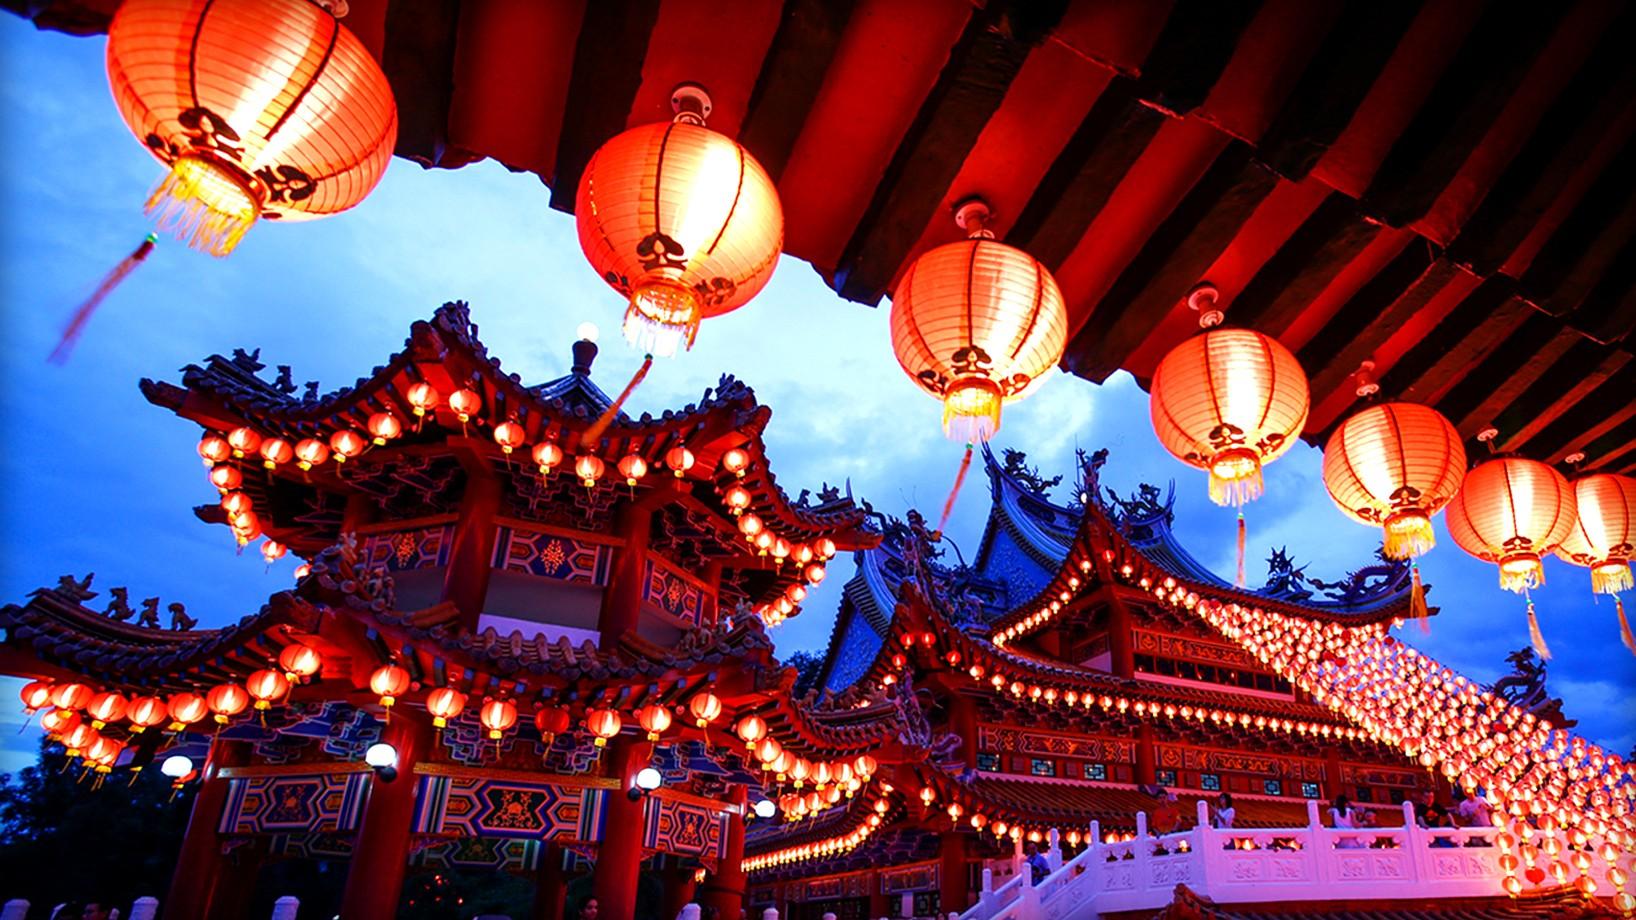 Китайский Новый год. Когда празднуют, история, значение, традиции, символы, фото и видео